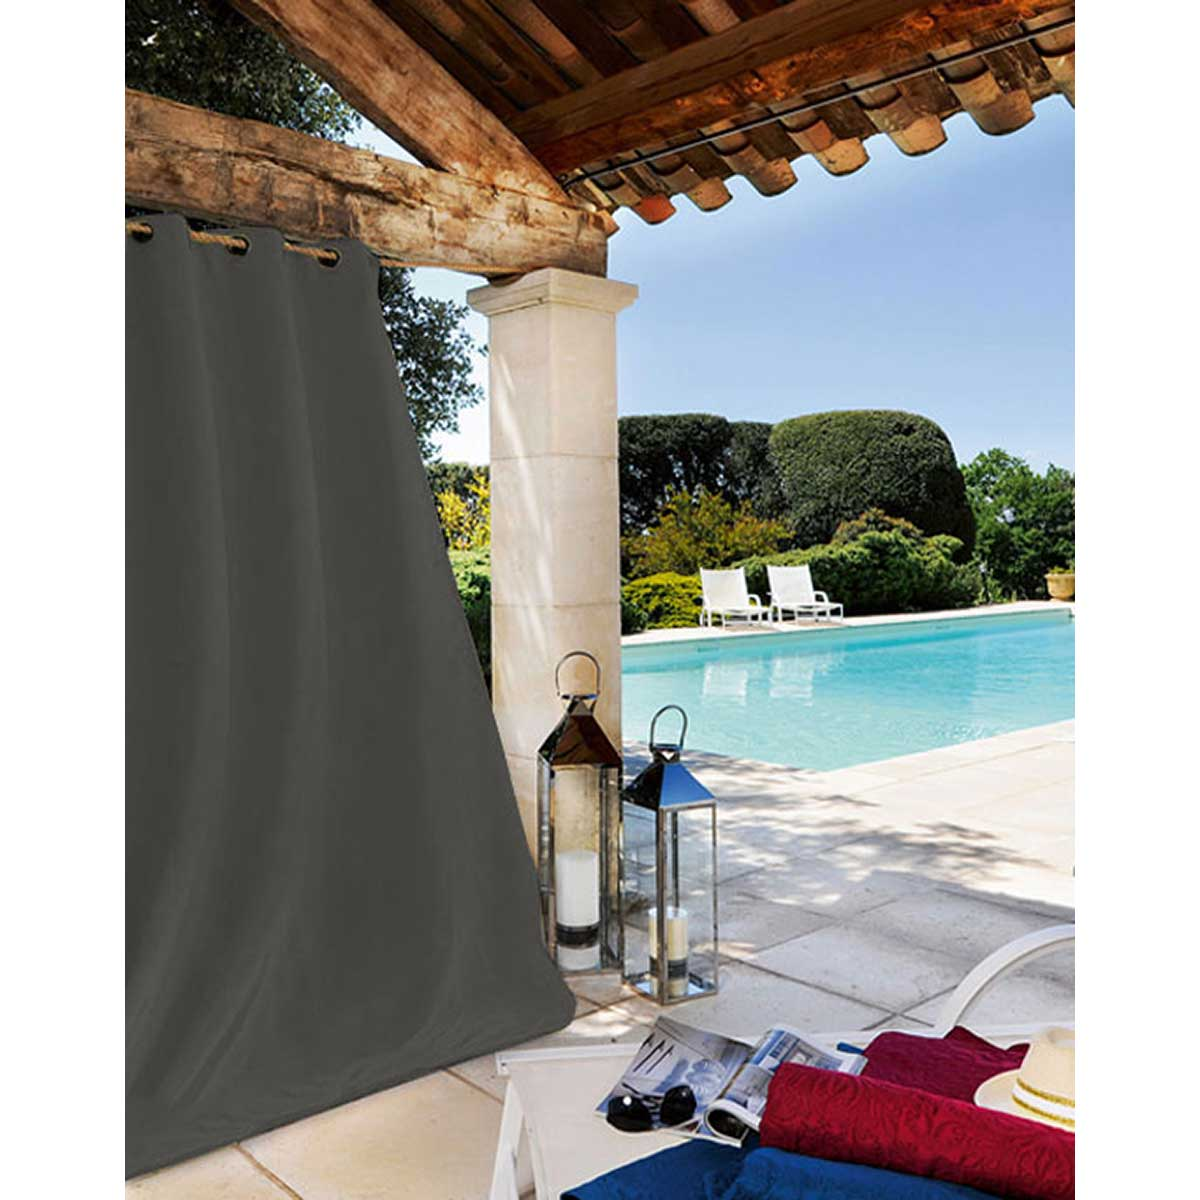 Rideau Extérieur Tissu Outdoor - Gris Foncé - 135 x 240 cm